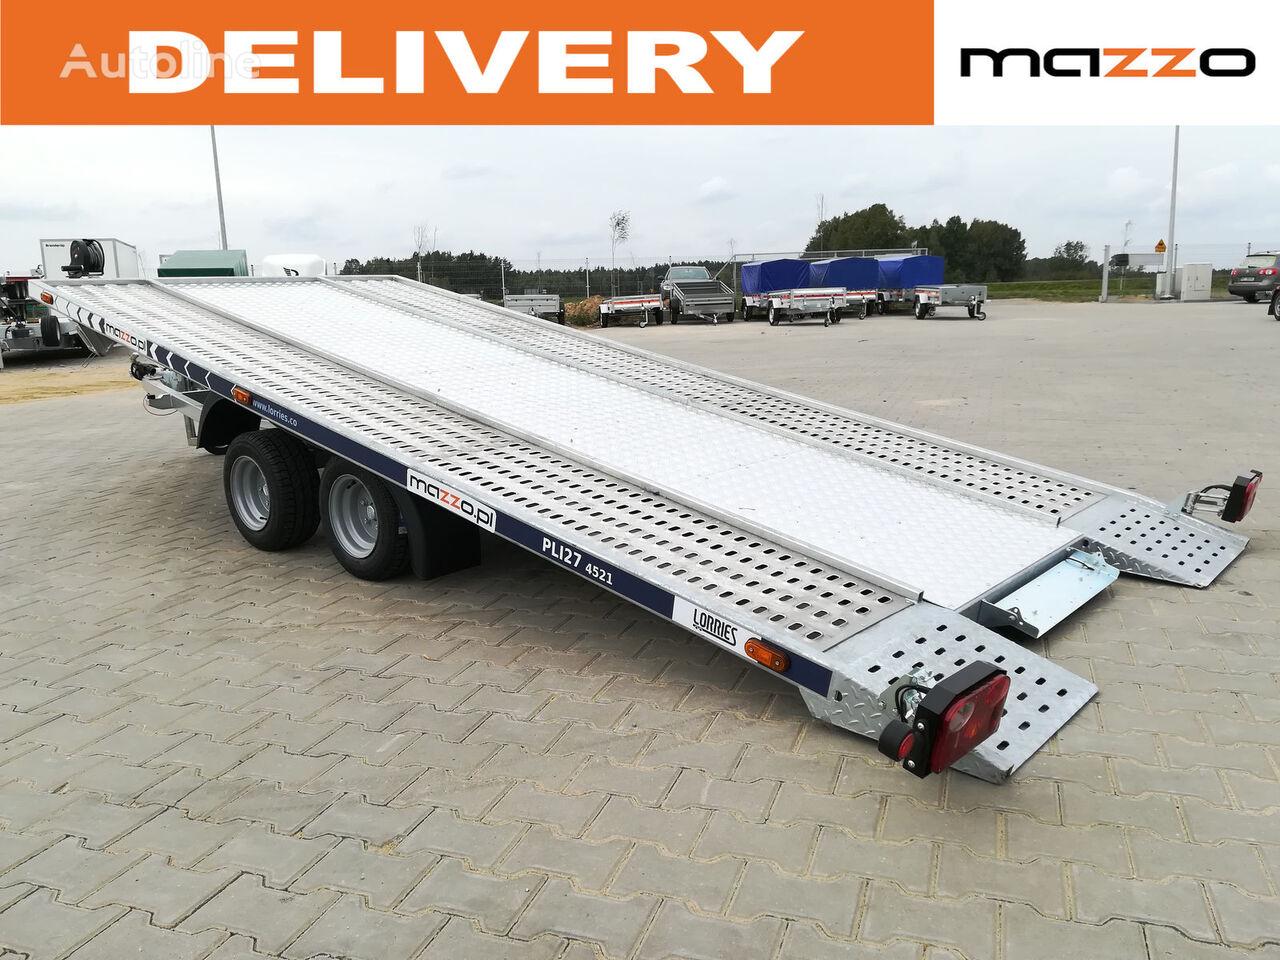 nový přívěs autotransportér PLI27-4521Tilted trailer 2700kg 450x210cm